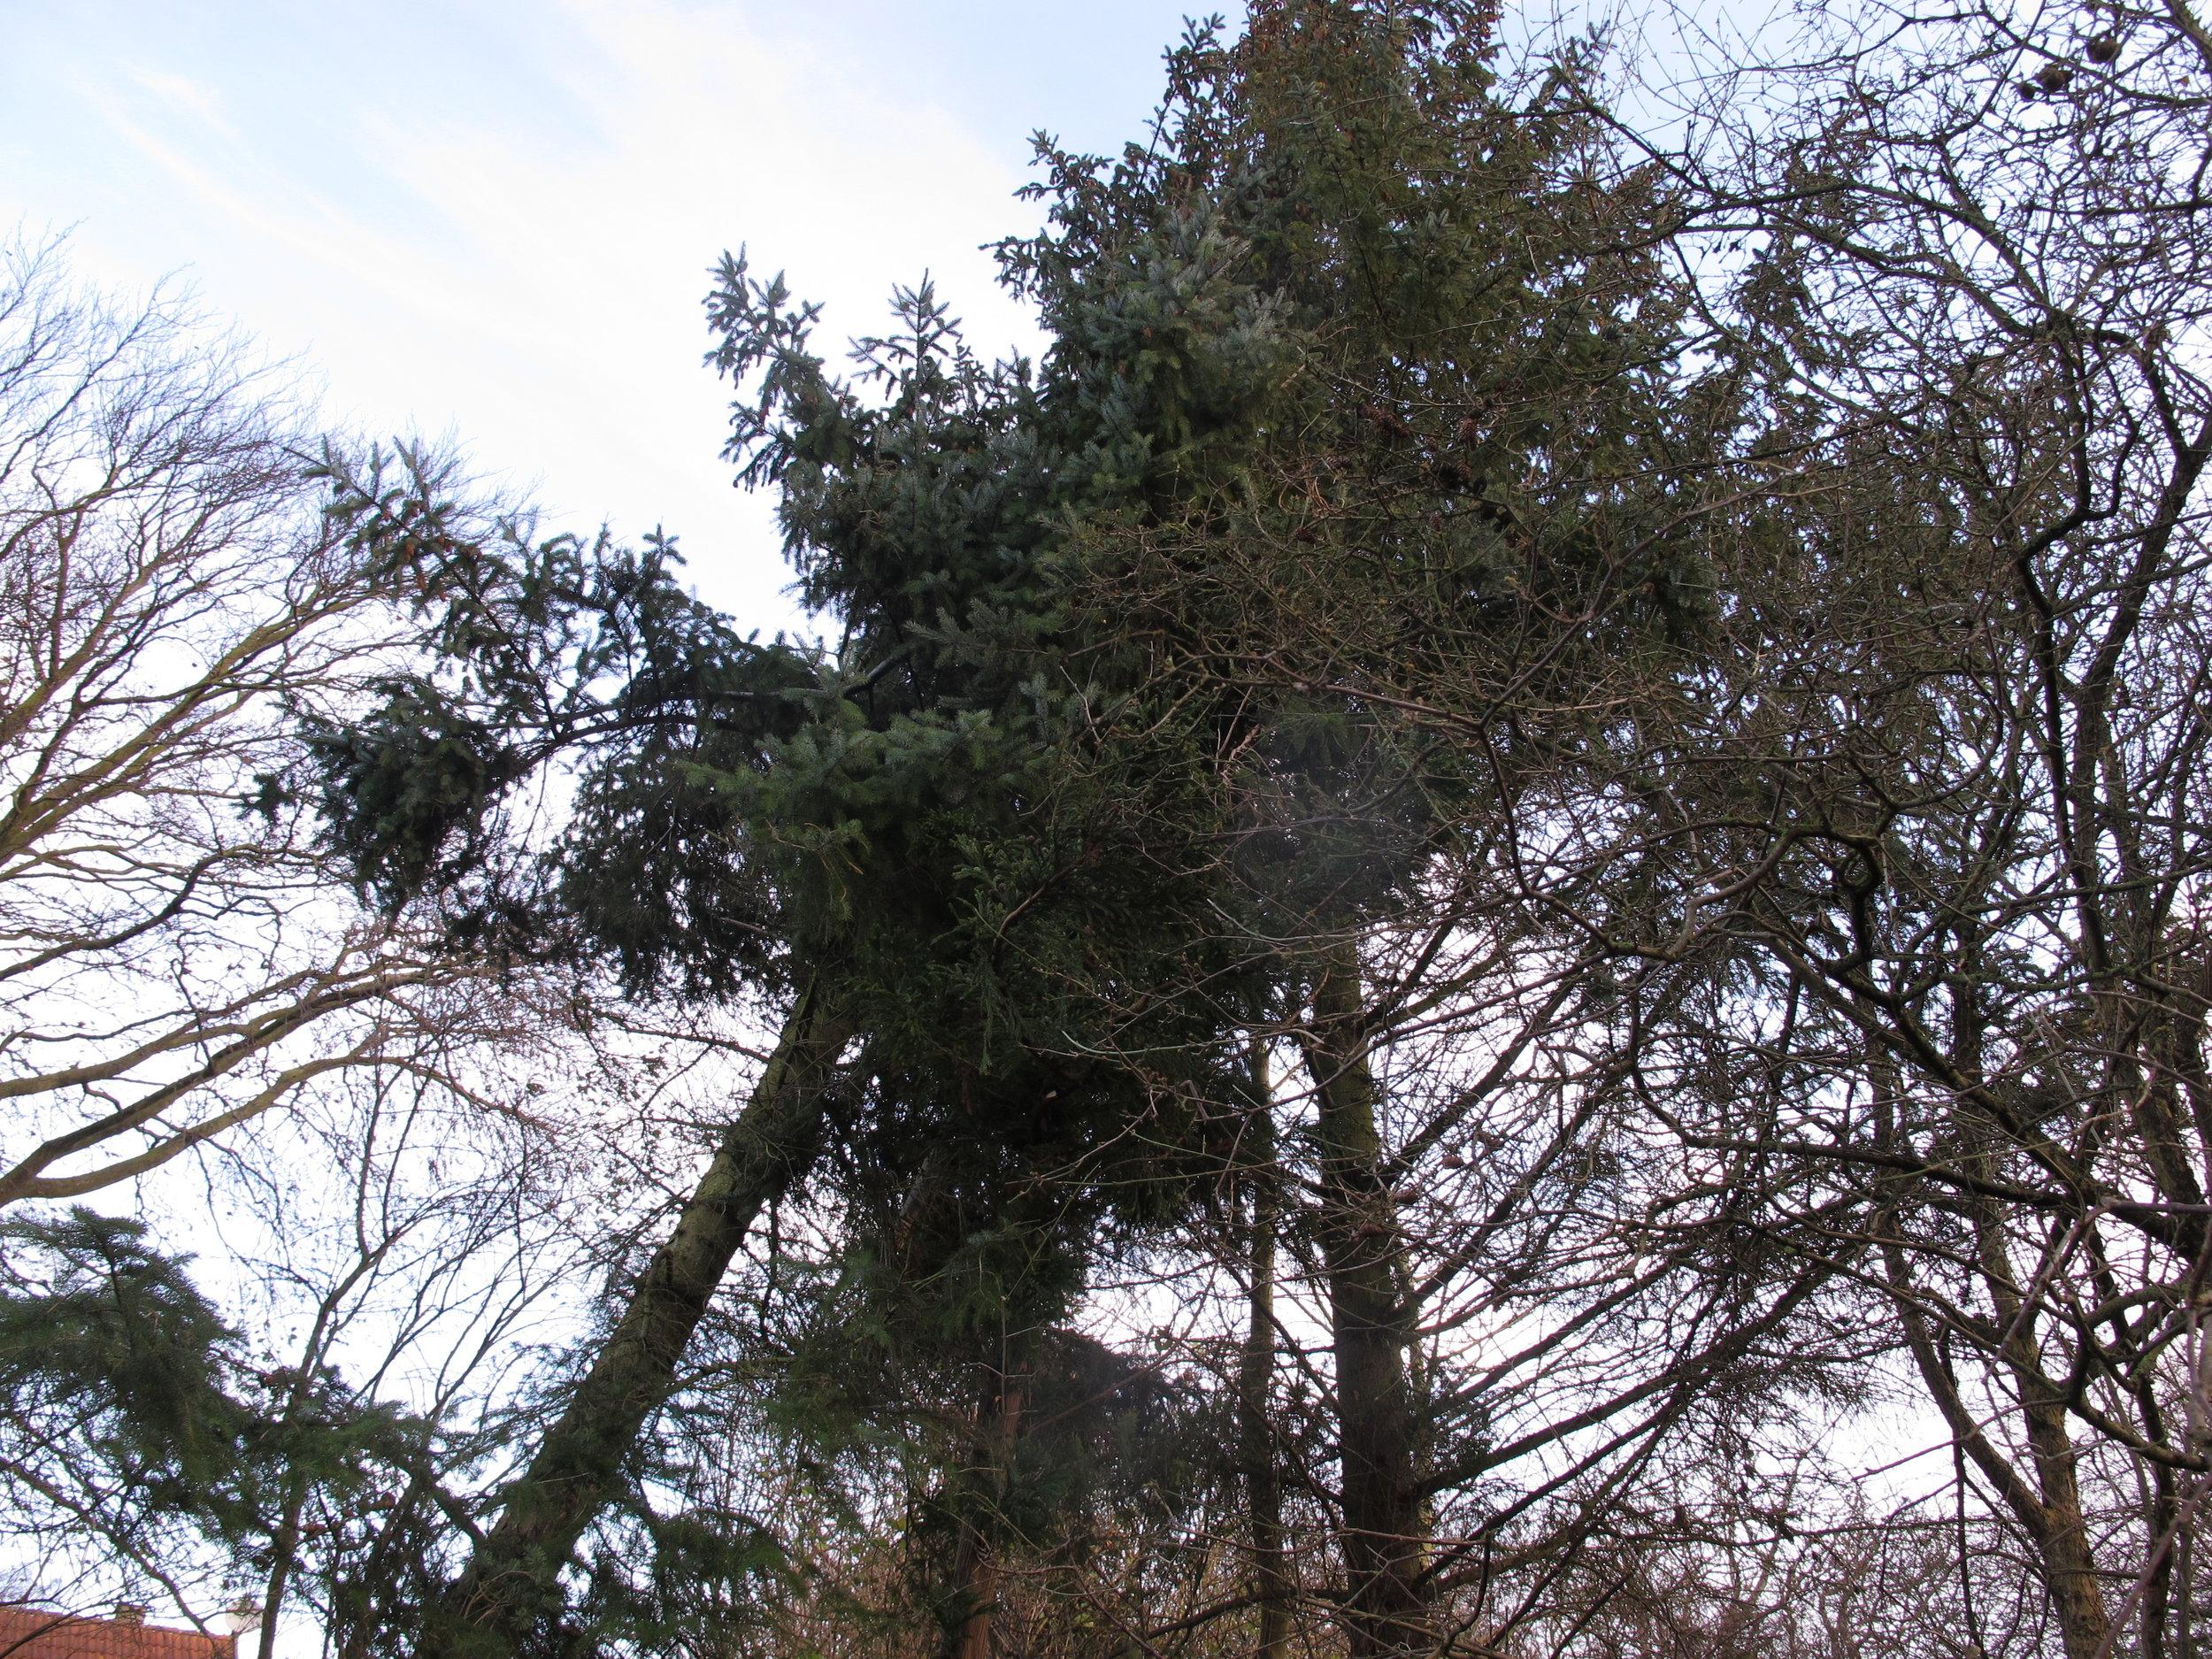 Det genstridige træ (t.v.) og dets partner-in-crime (t.h.).